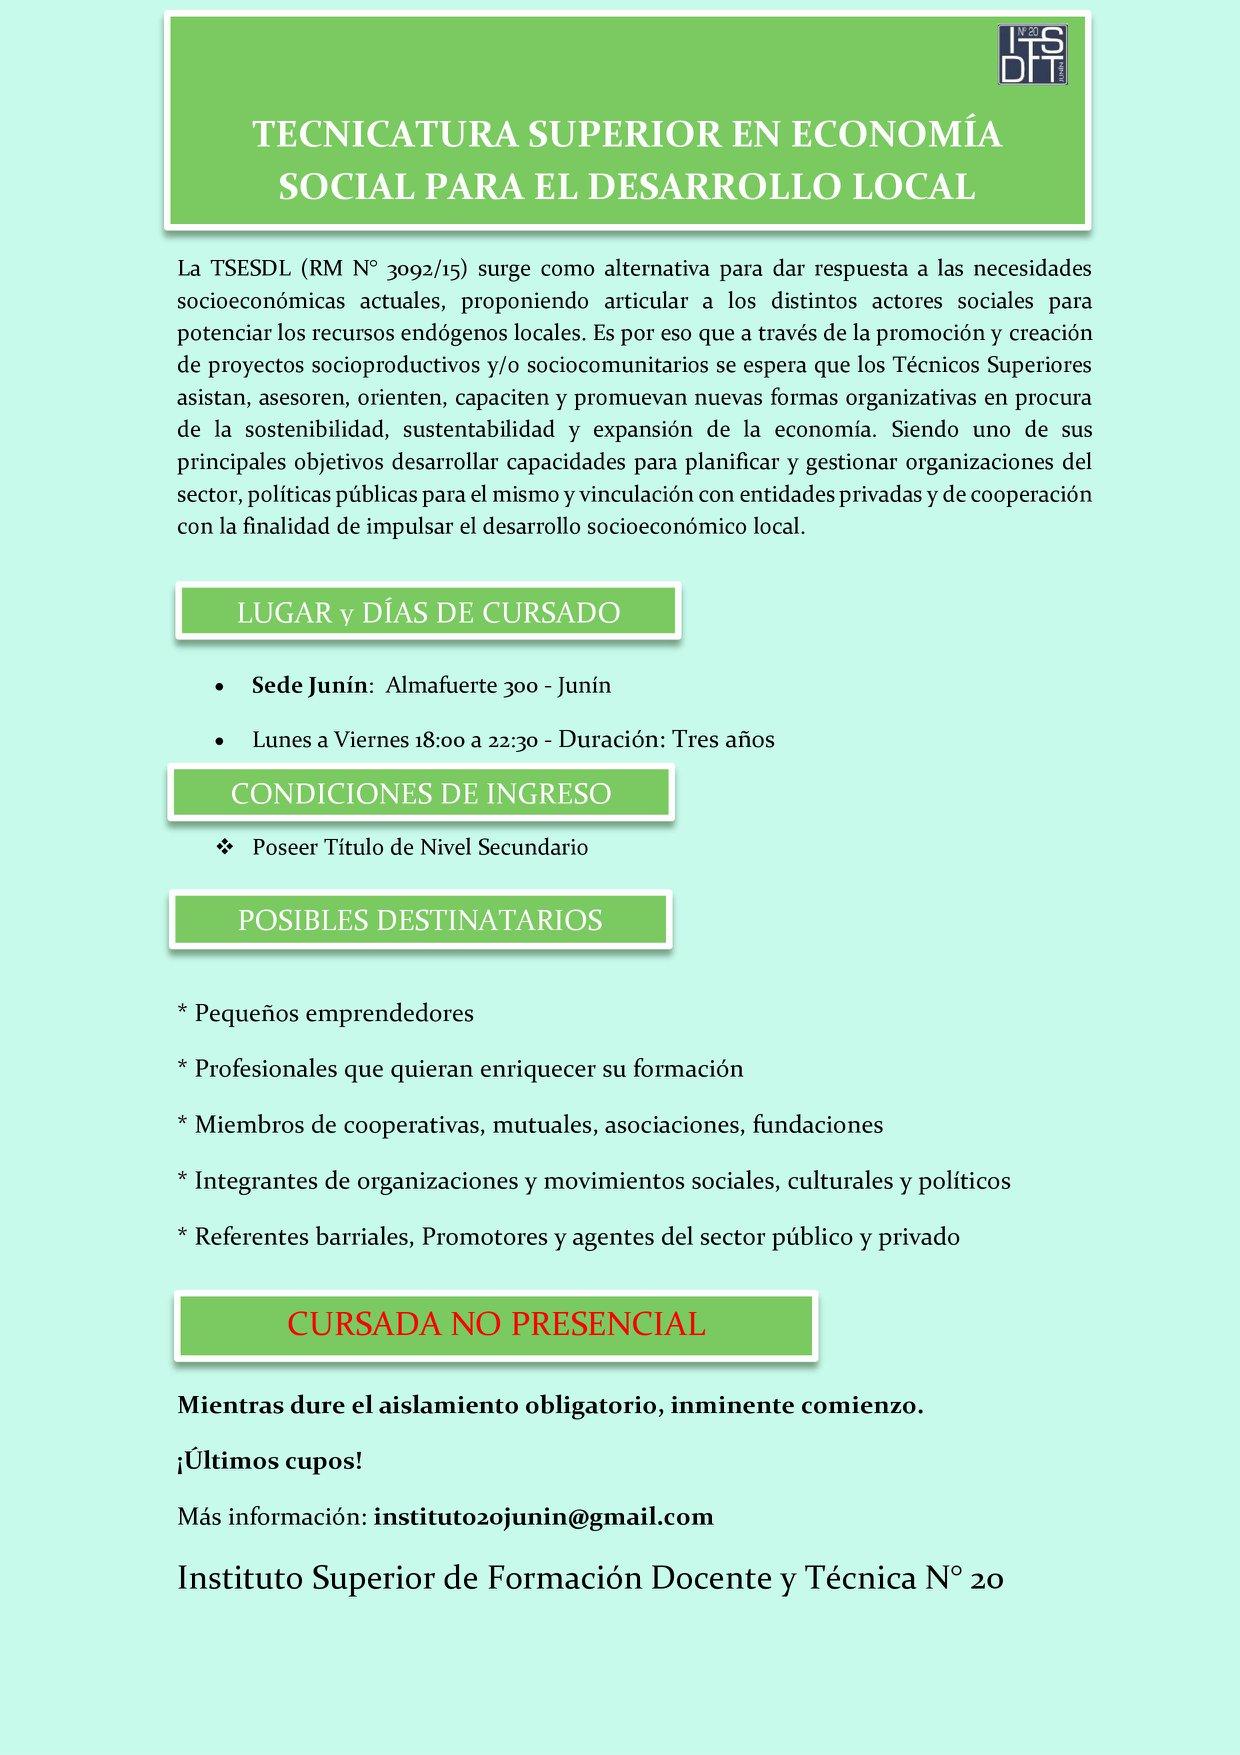 Tecnicatura de Economía Social para el Desarrollo Local